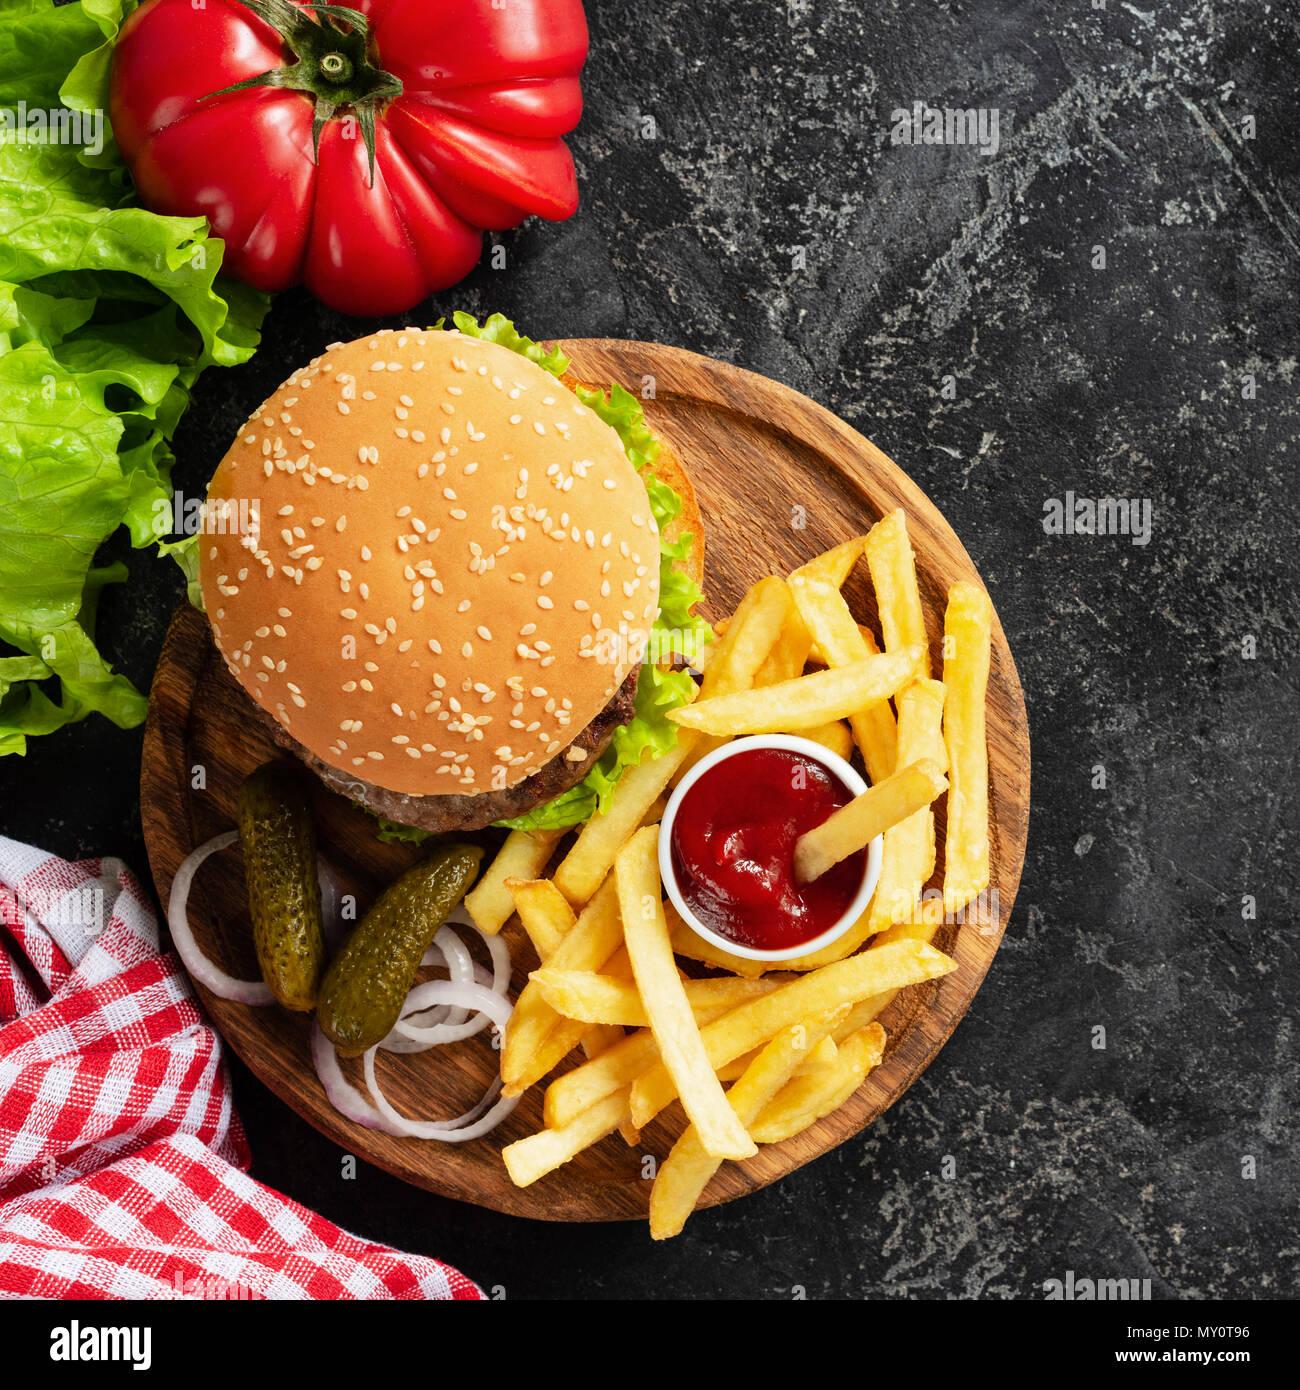 Hamburger, frites, les cornichons et le ketchup sur planche de bois. Le fast food. Burger fait maison et de pommes de terre frites. Vue supérieure avec copie espace pour le texte Photo Stock